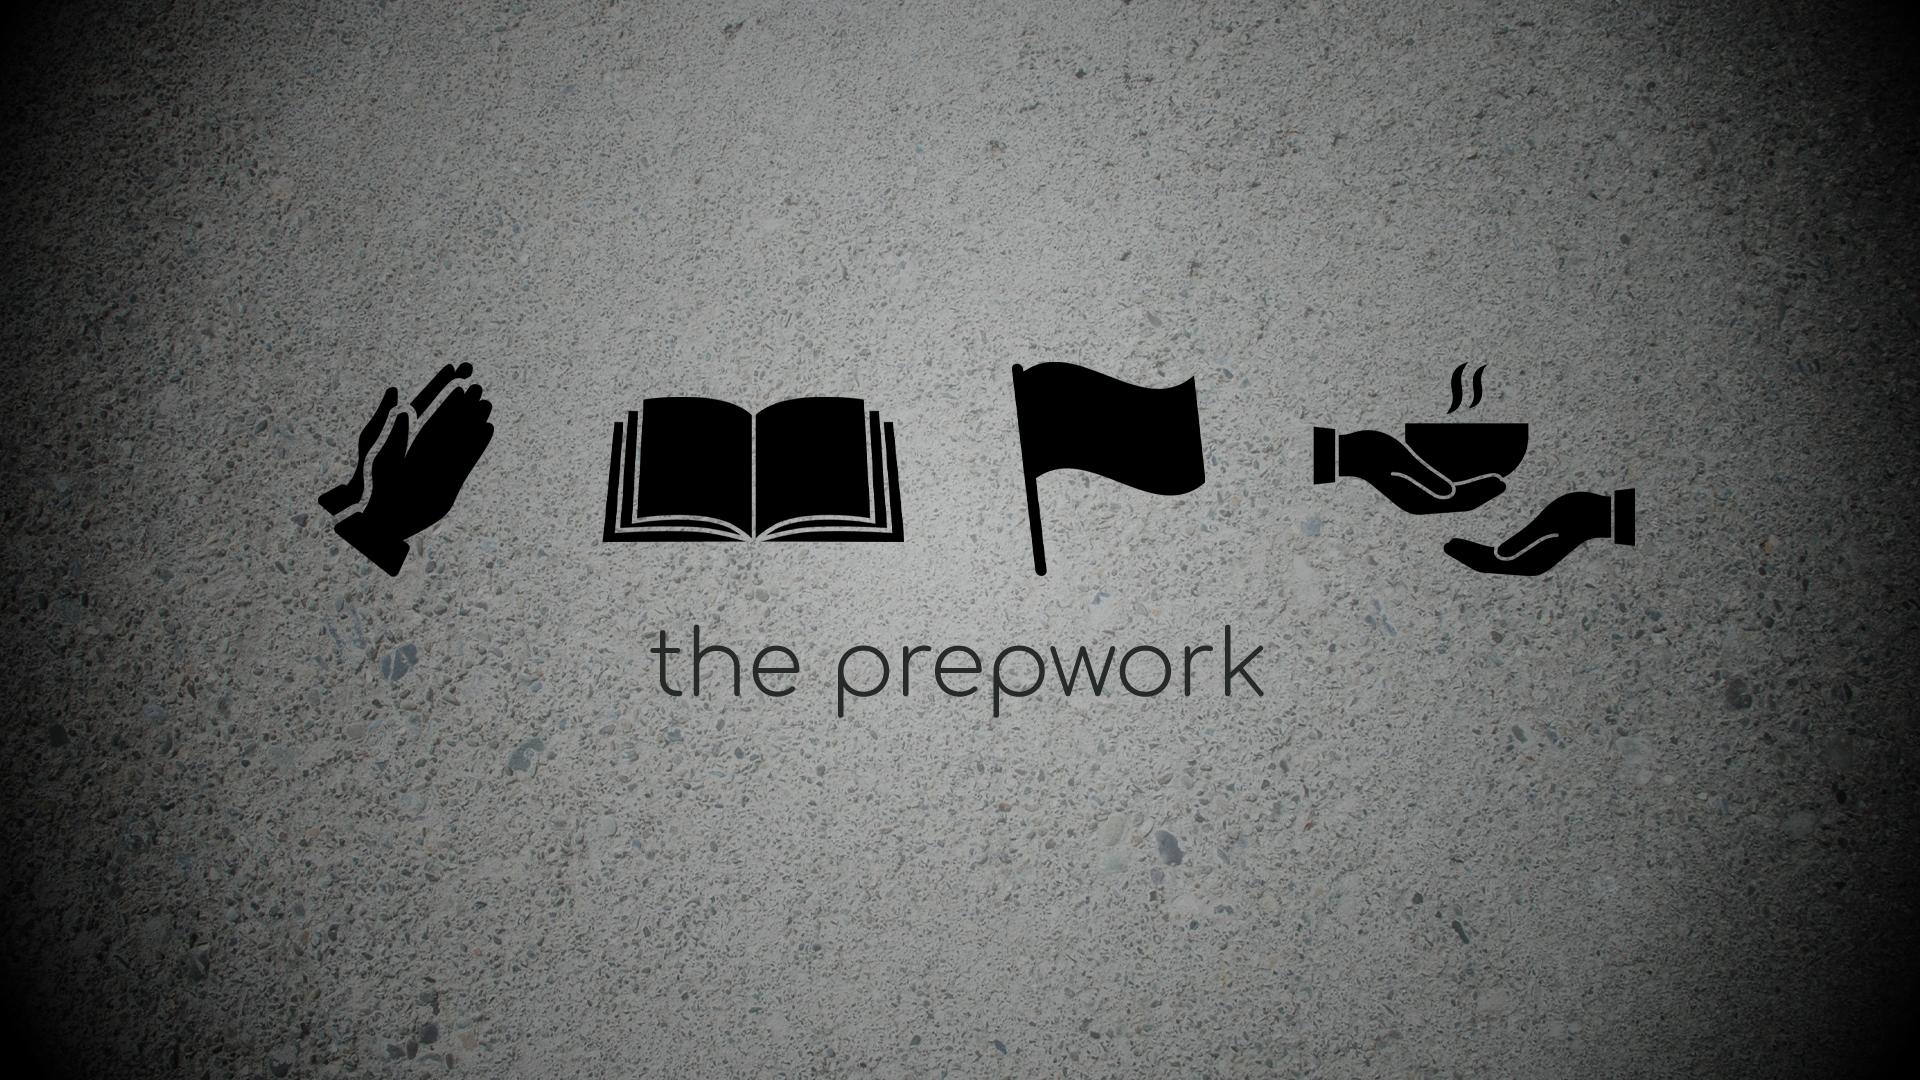 The Prepwork Image